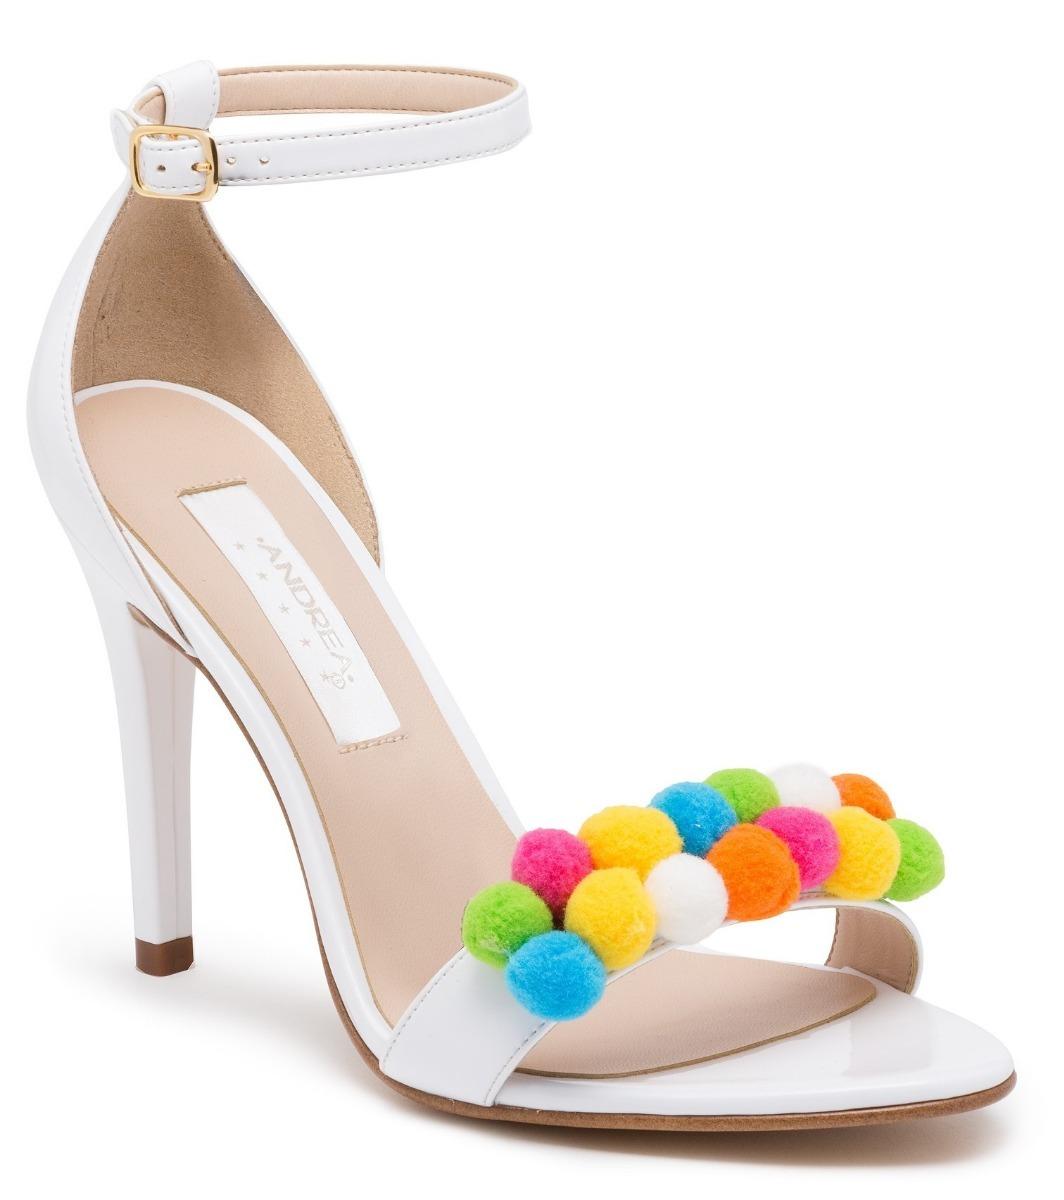 fd87ec7b766 sandalias zapatillas andrea blancas novias pompones tacón 10. Cargando zoom.